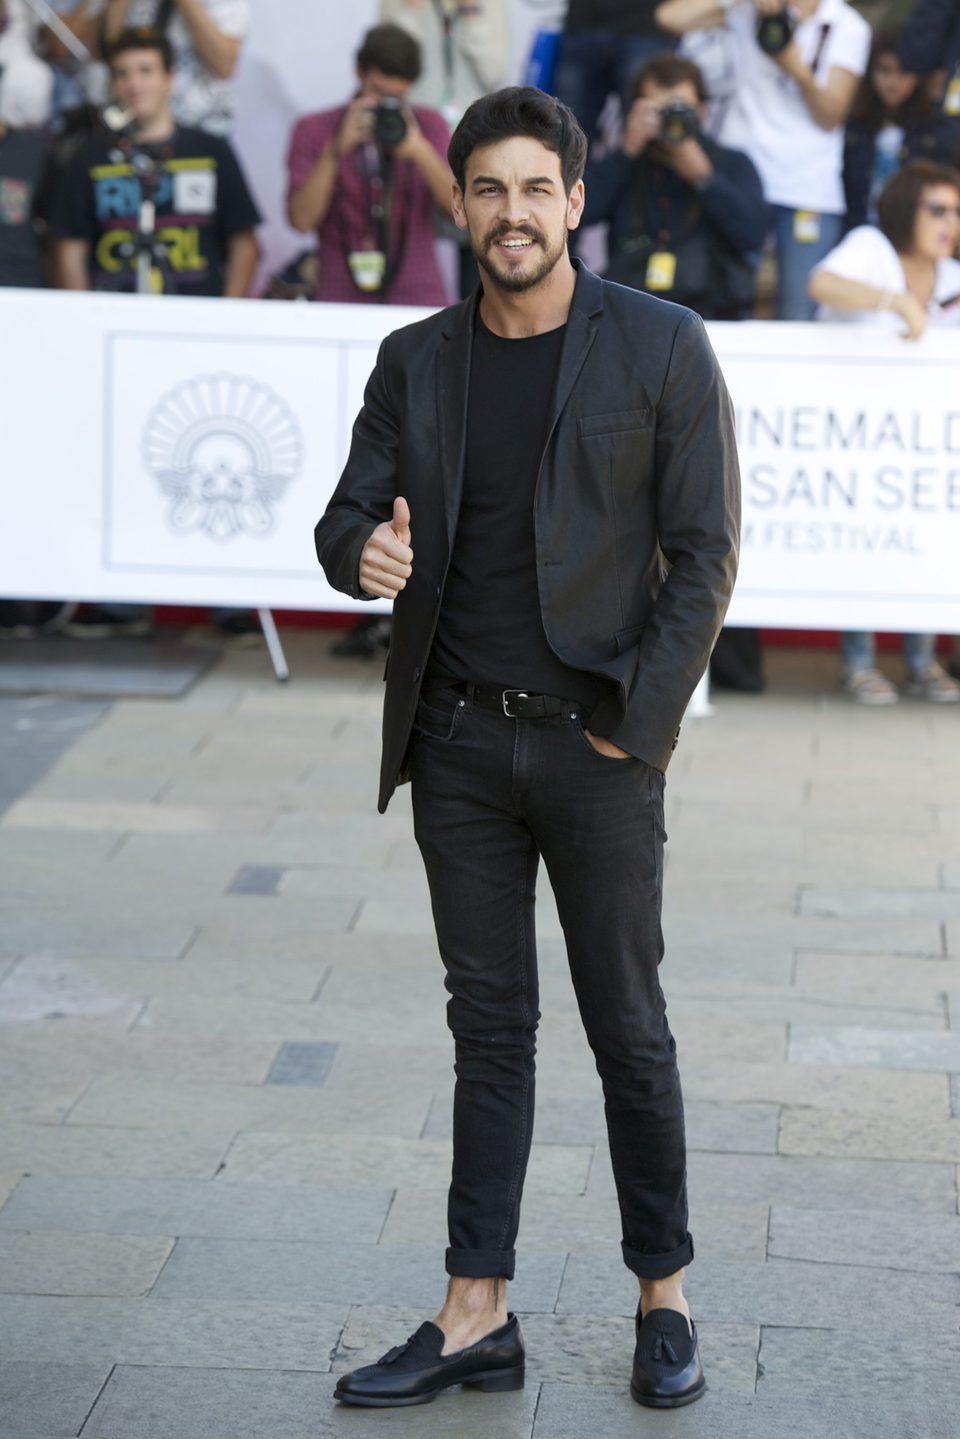 Mario Casas at the San Sebastian Film Festival 2015